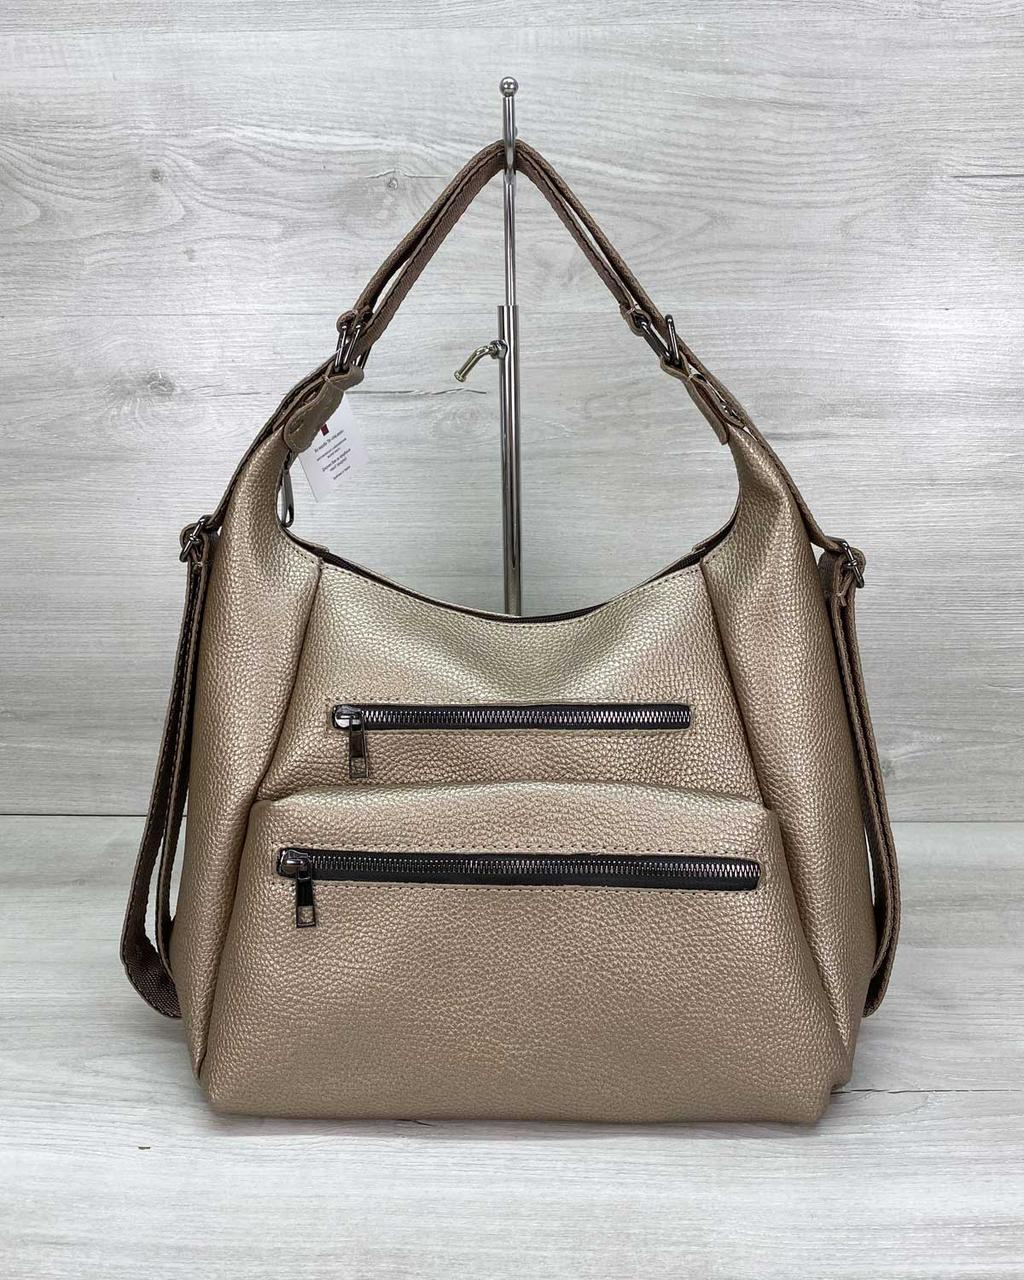 Стильный молодежный сумка-рюкзак женский городской повседневный «Голди» золотой